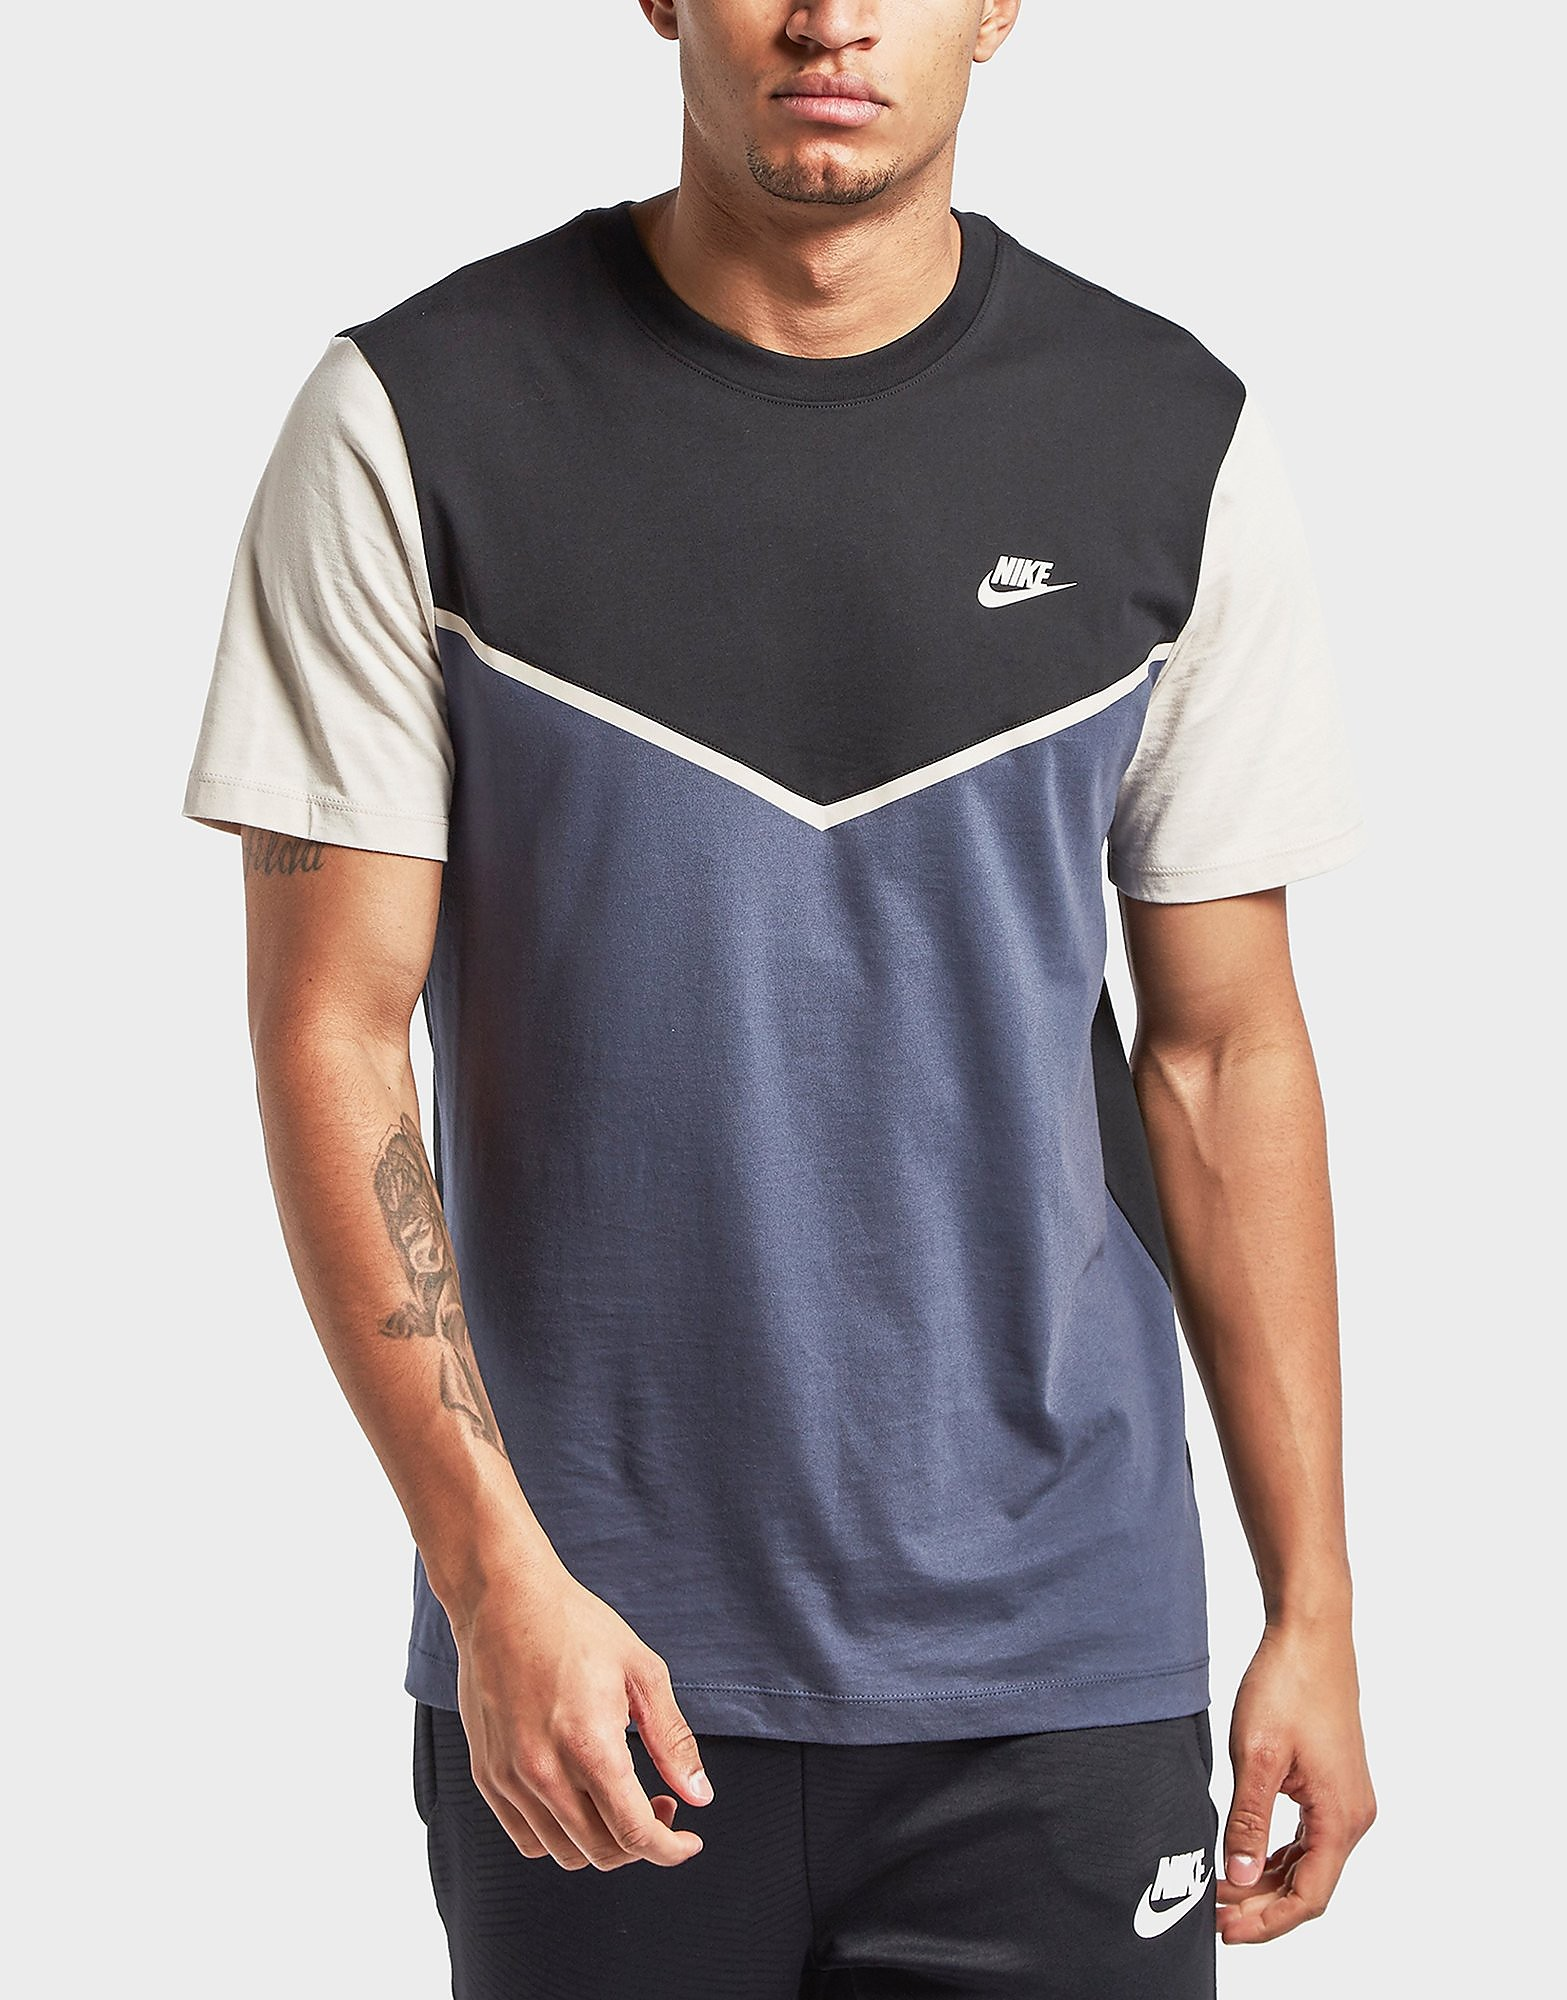 Nike Windrunner Short Sleeve T-Shirt